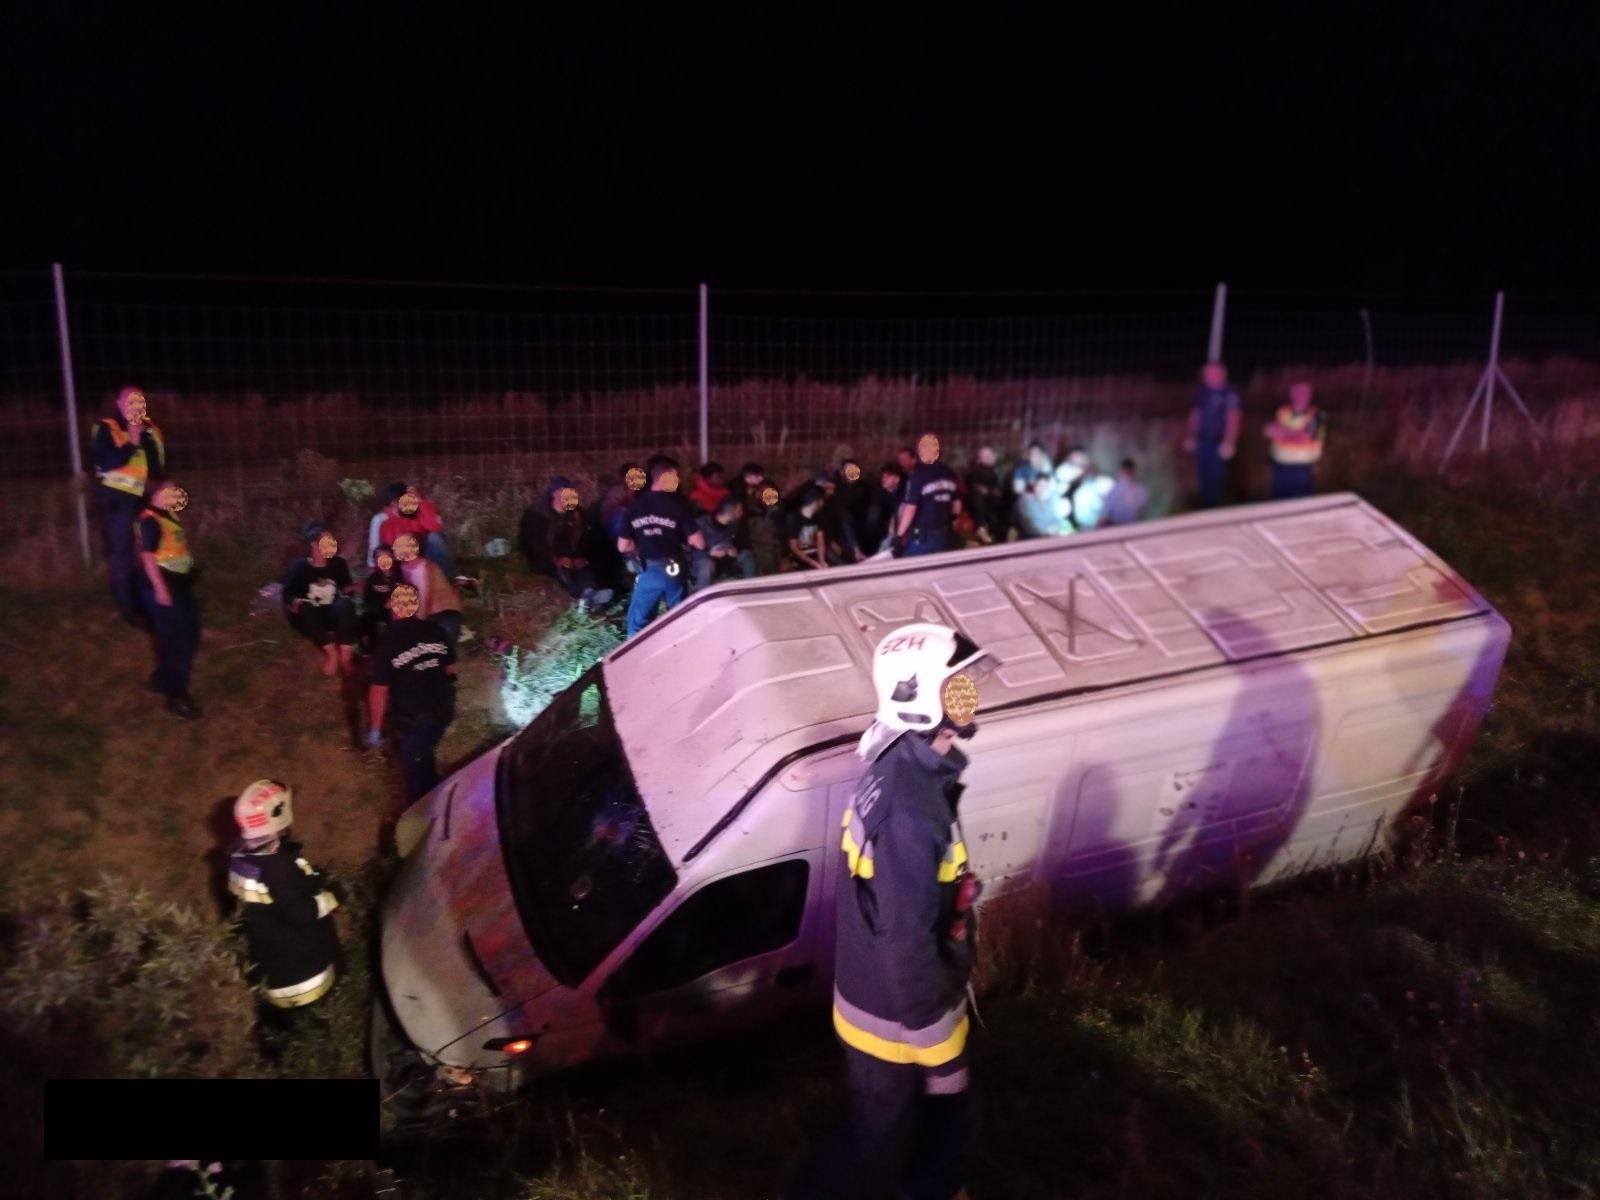 27 embert csempészett volna át Magyarországon, amikor árokba hajtott